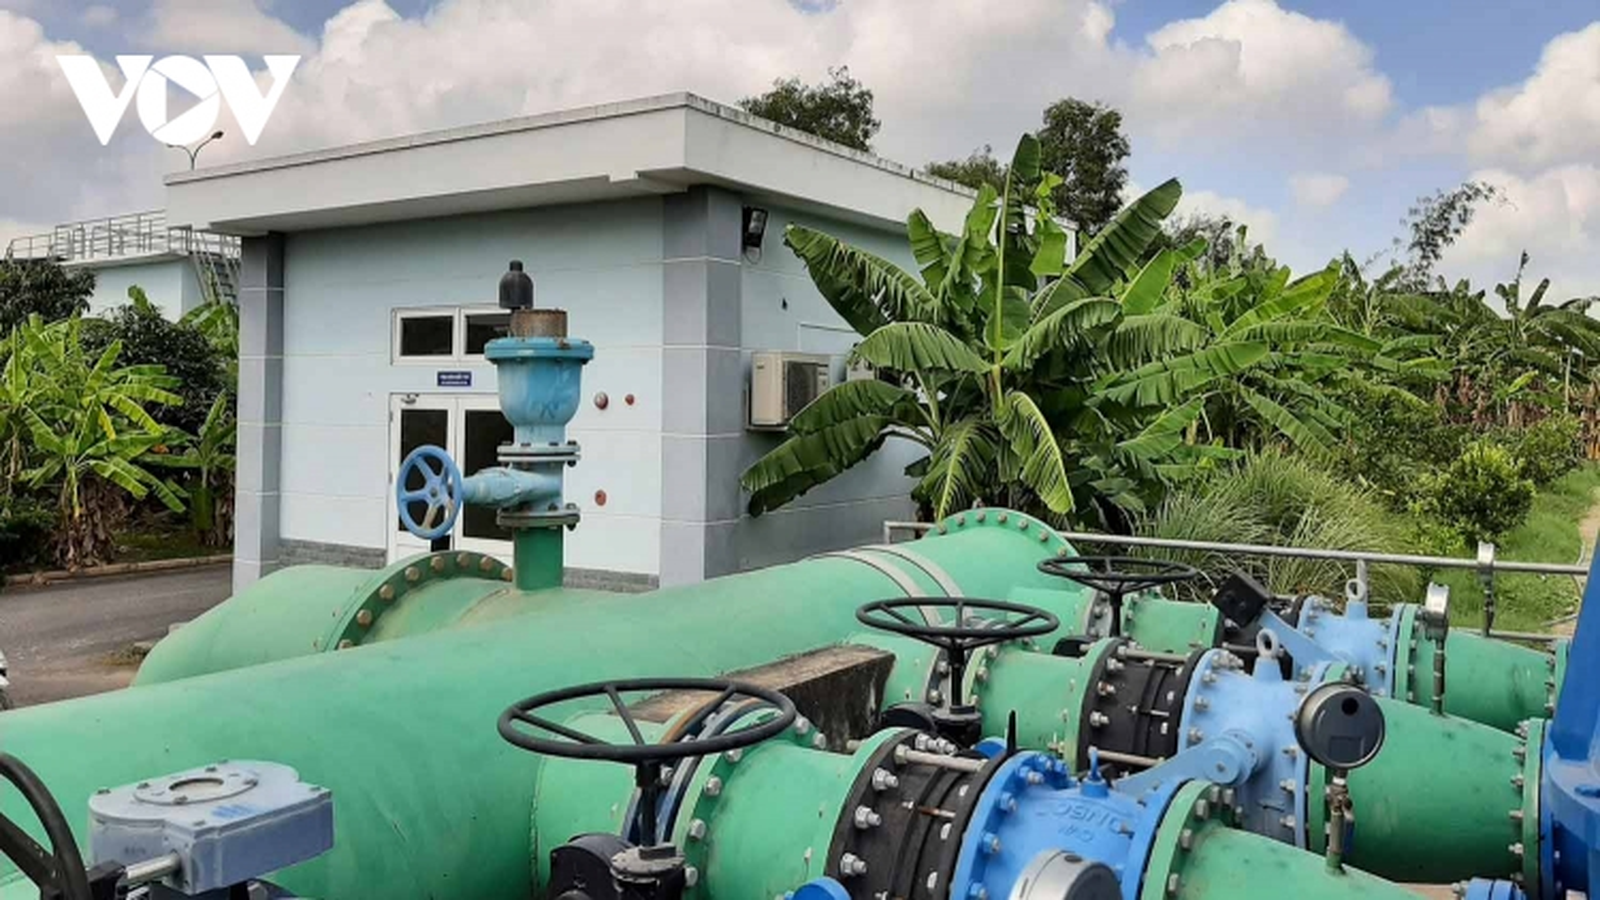 Nước sinh hoạt thiết yếu mùa khô cho người dân Tiền Giang bắt đầu khan hiếm